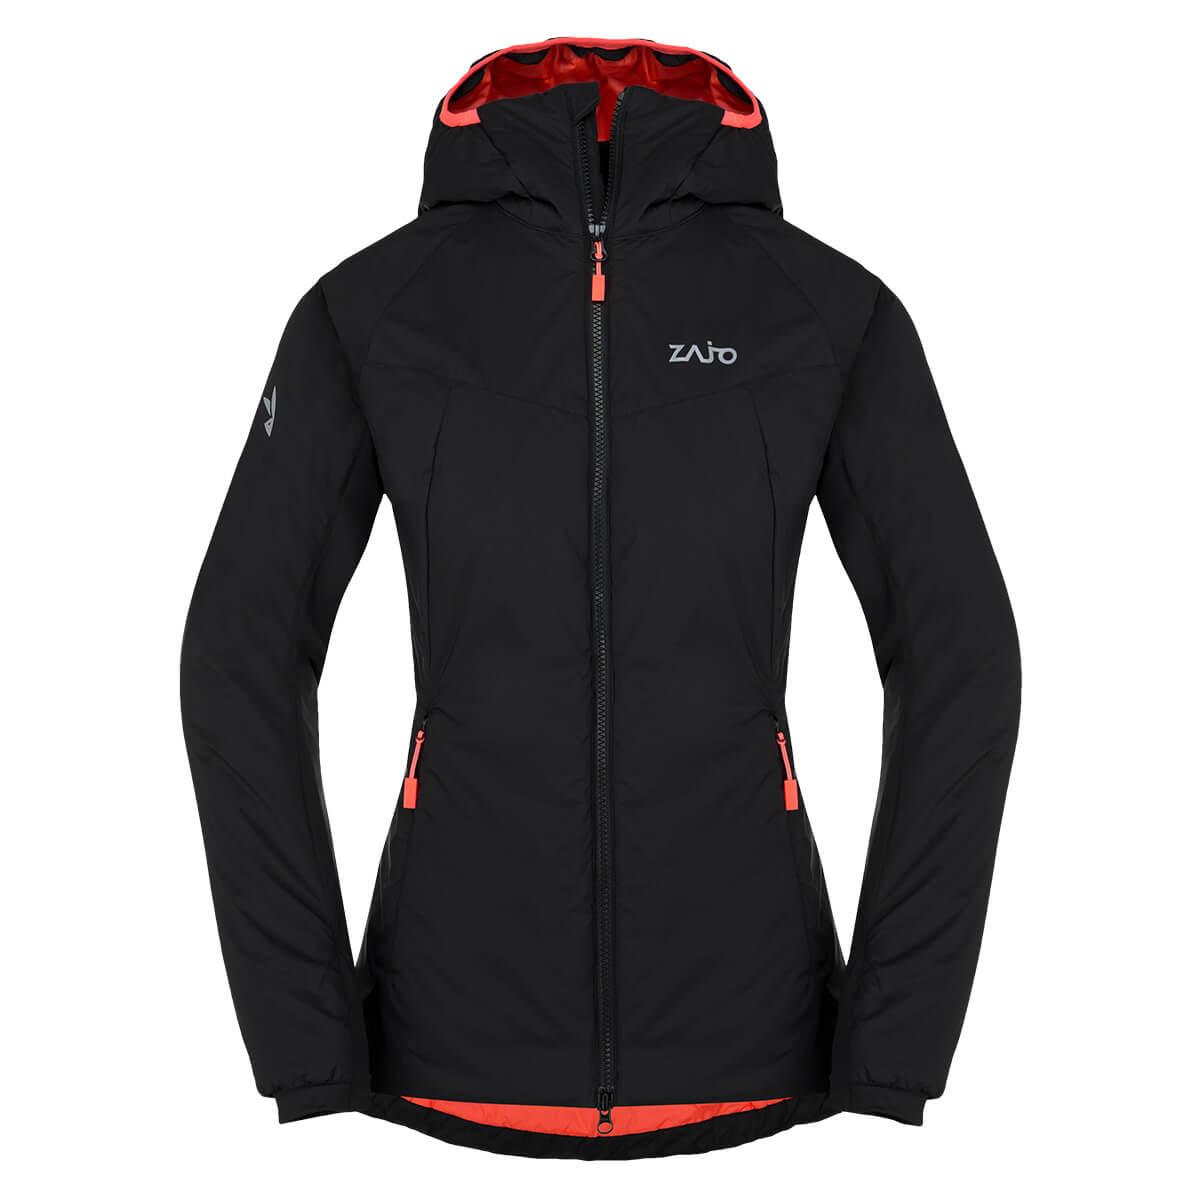 Dámska bunda Zajo Alta W JKT Black - veľkosť XS